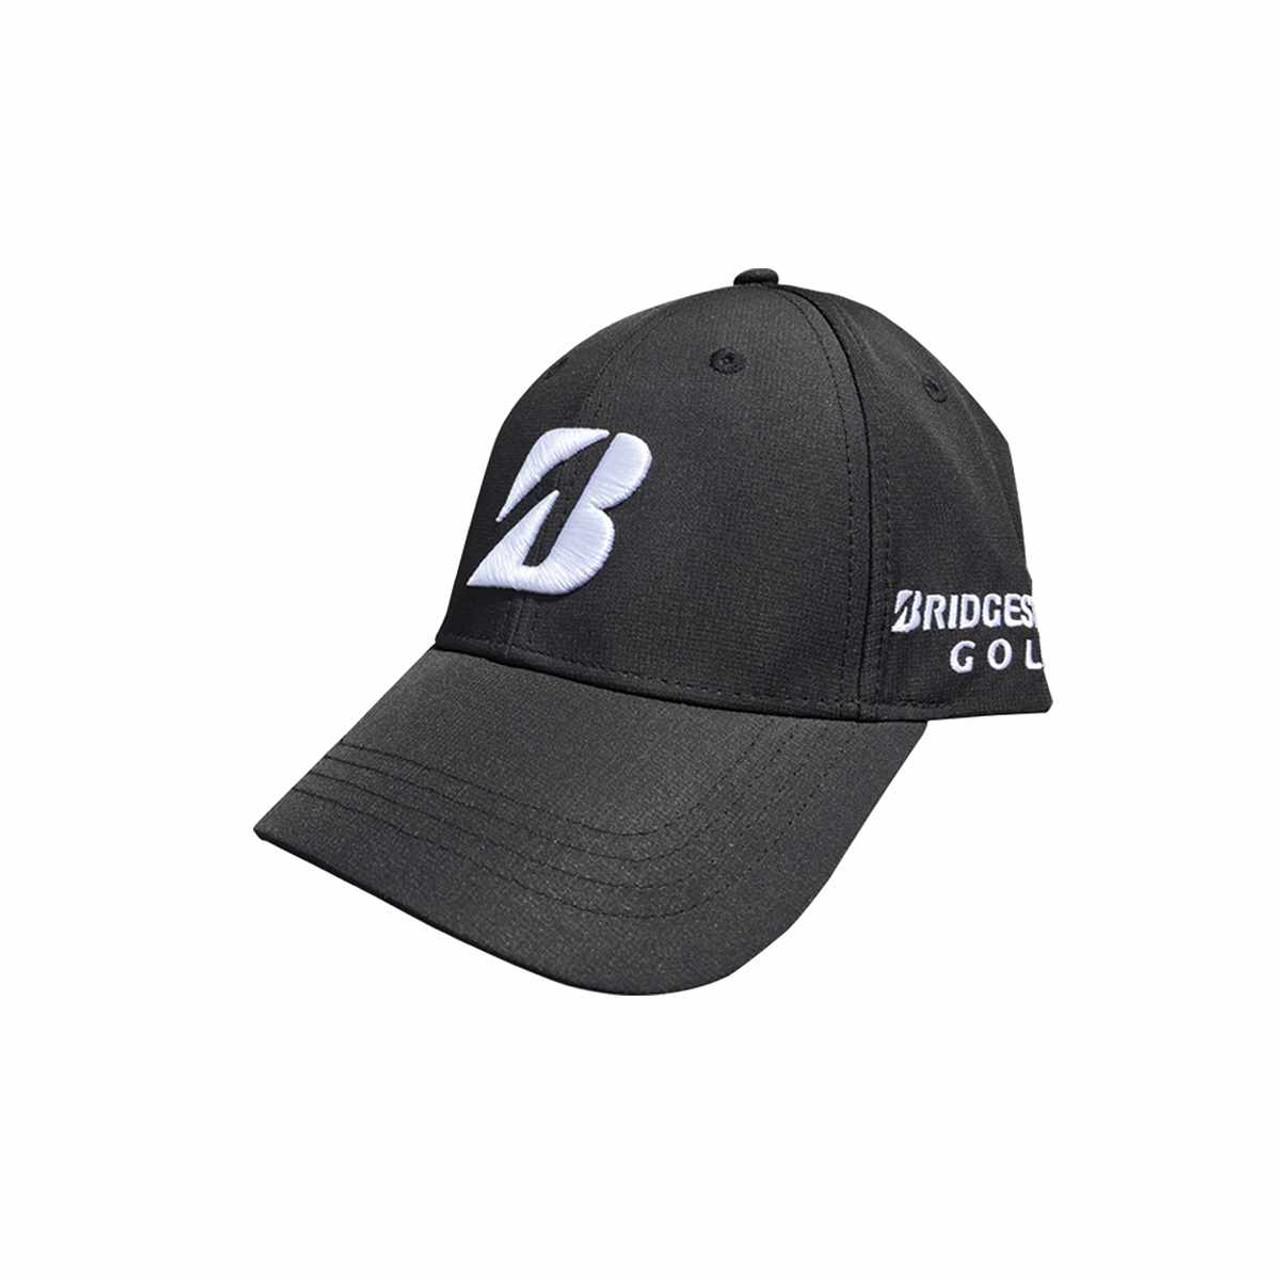 Bridgestone Golf Tour Performance Adjustable Hat Black